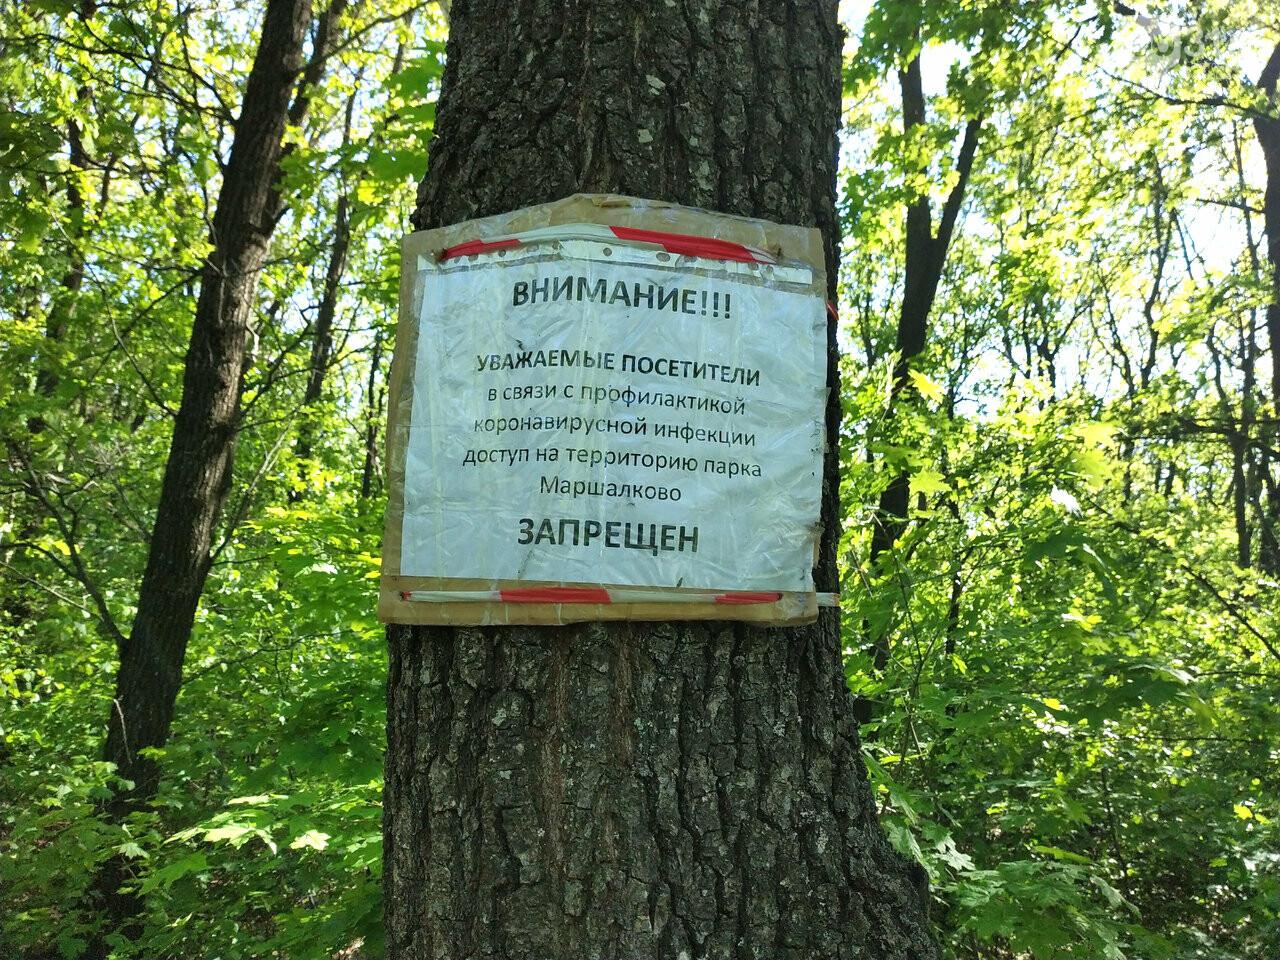 В масках или без? Как регламентируются прогулки в парке Маршалково в Строителе, фото-2